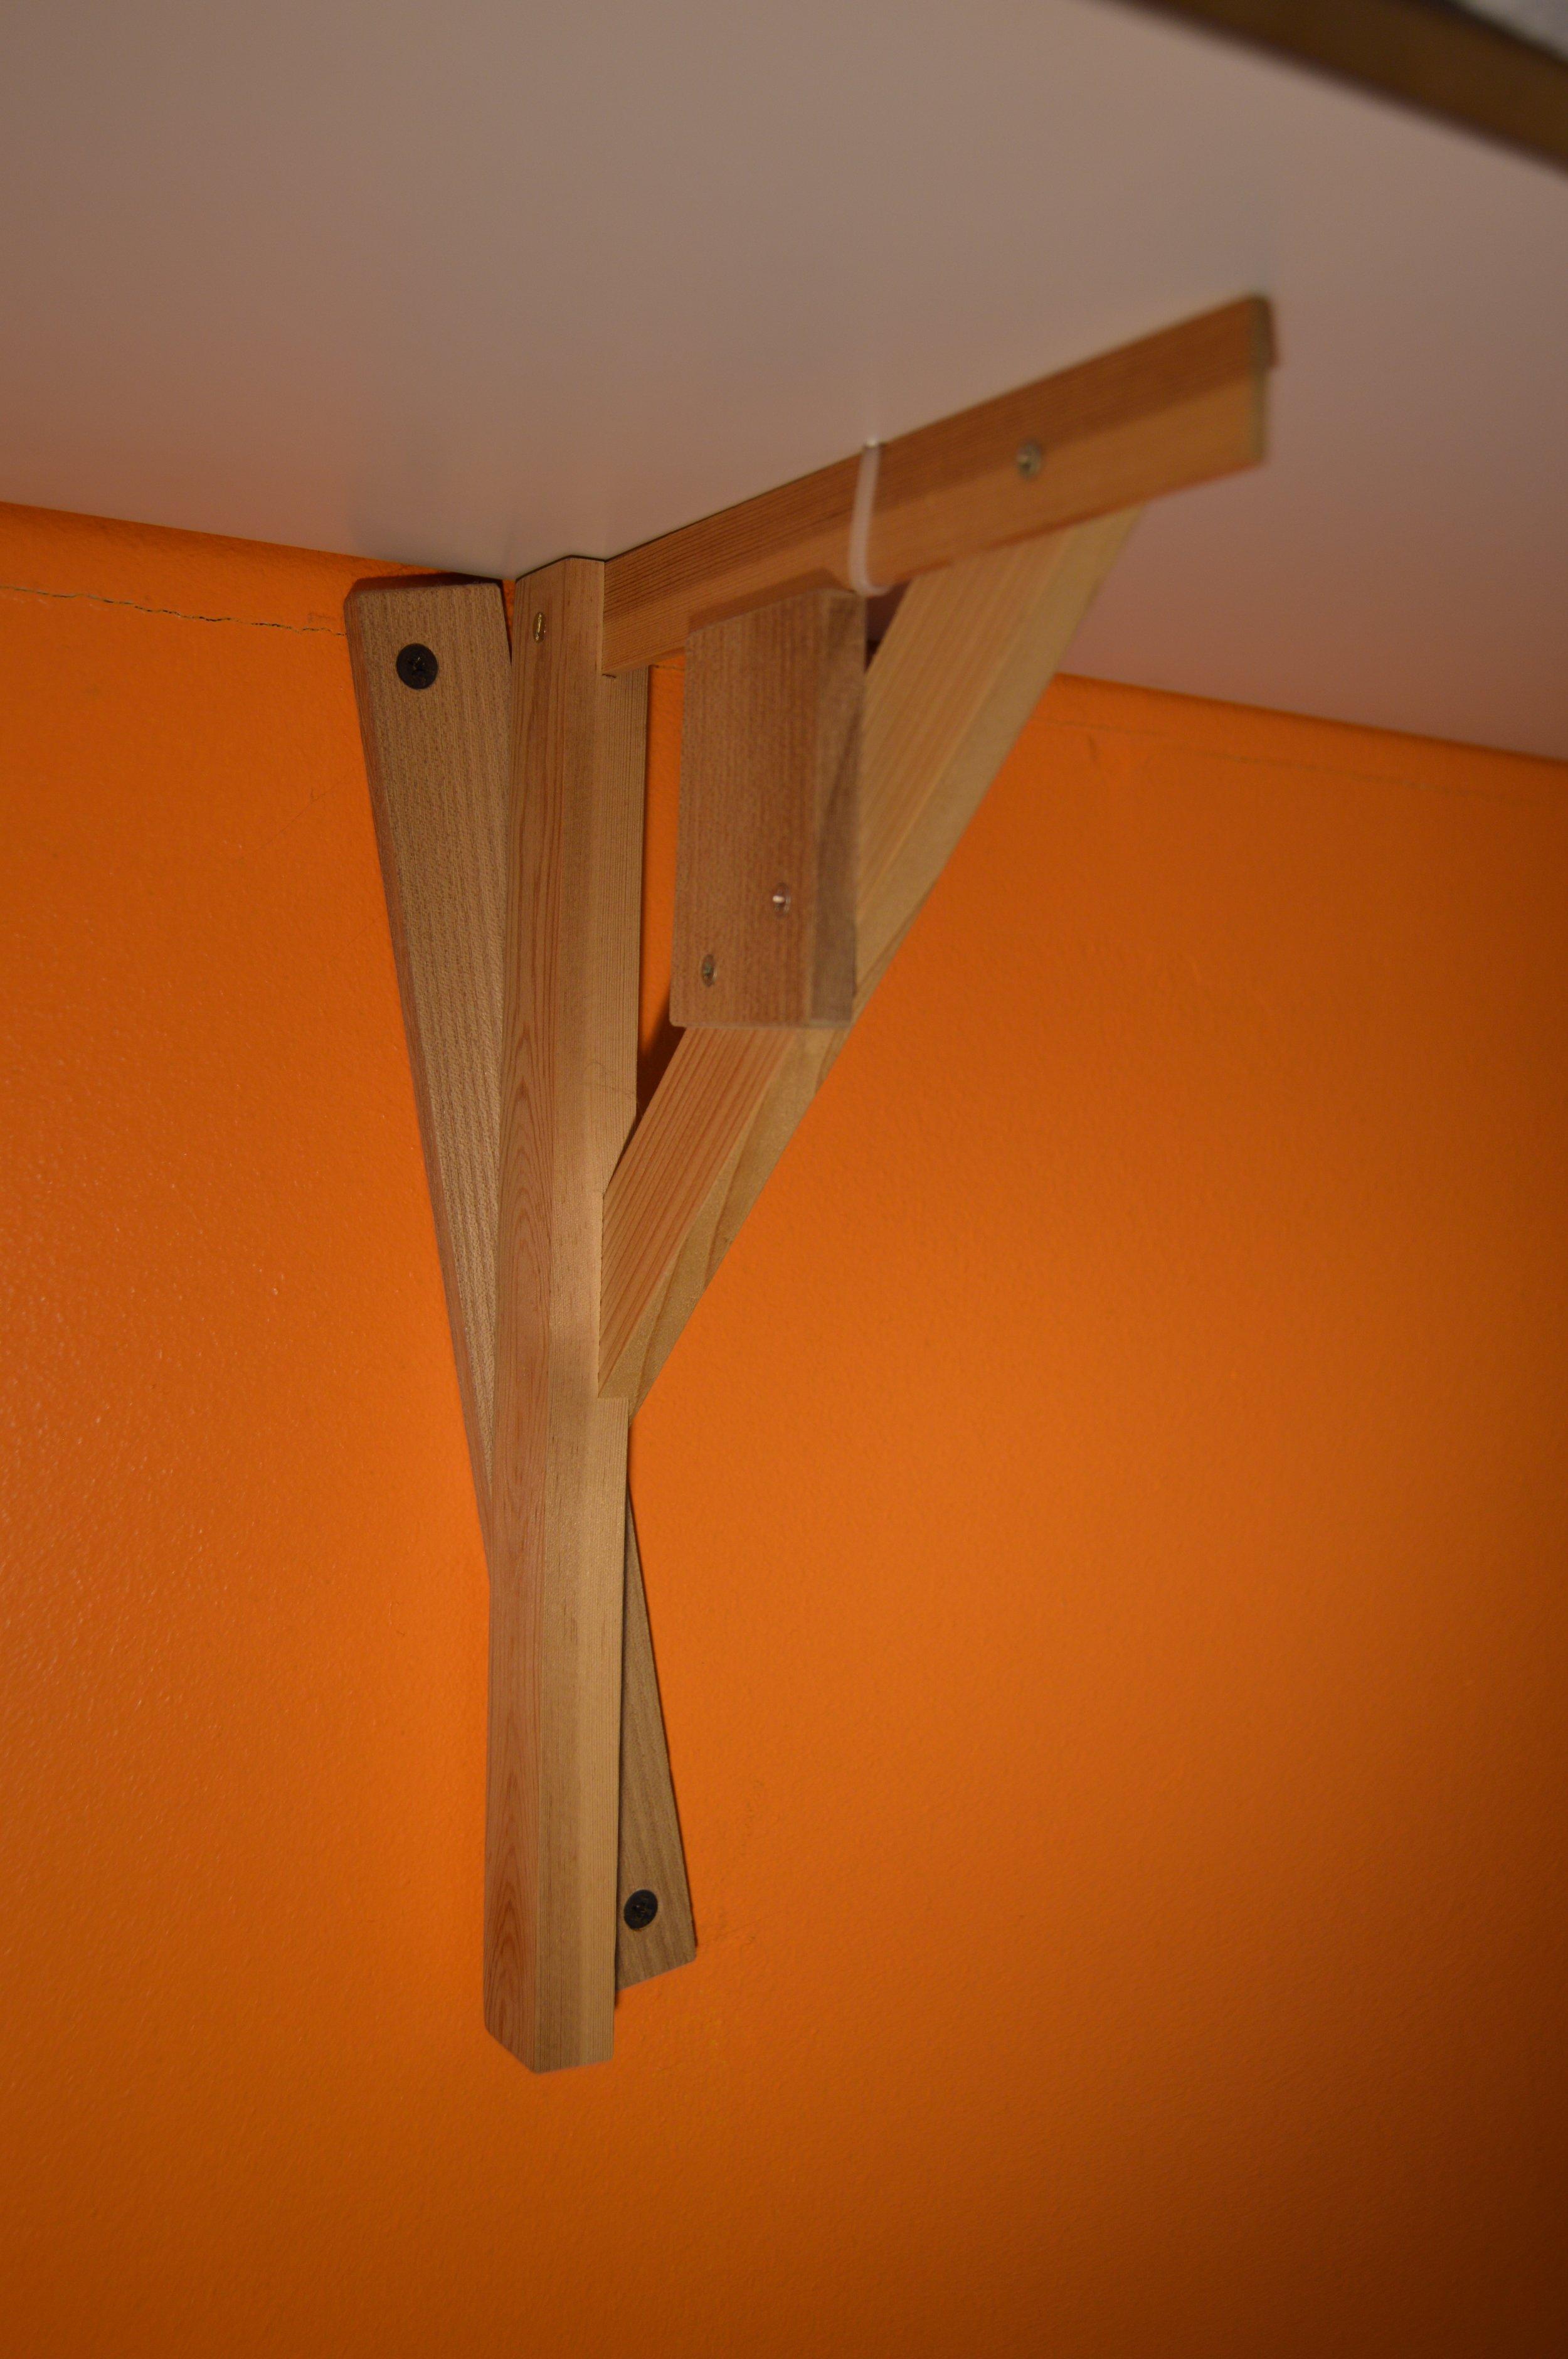 Både hyllplan och konsoller går att bygga av befintligt material hemma, här gjort av Andreas Nobel. Foto Andreas Nobel